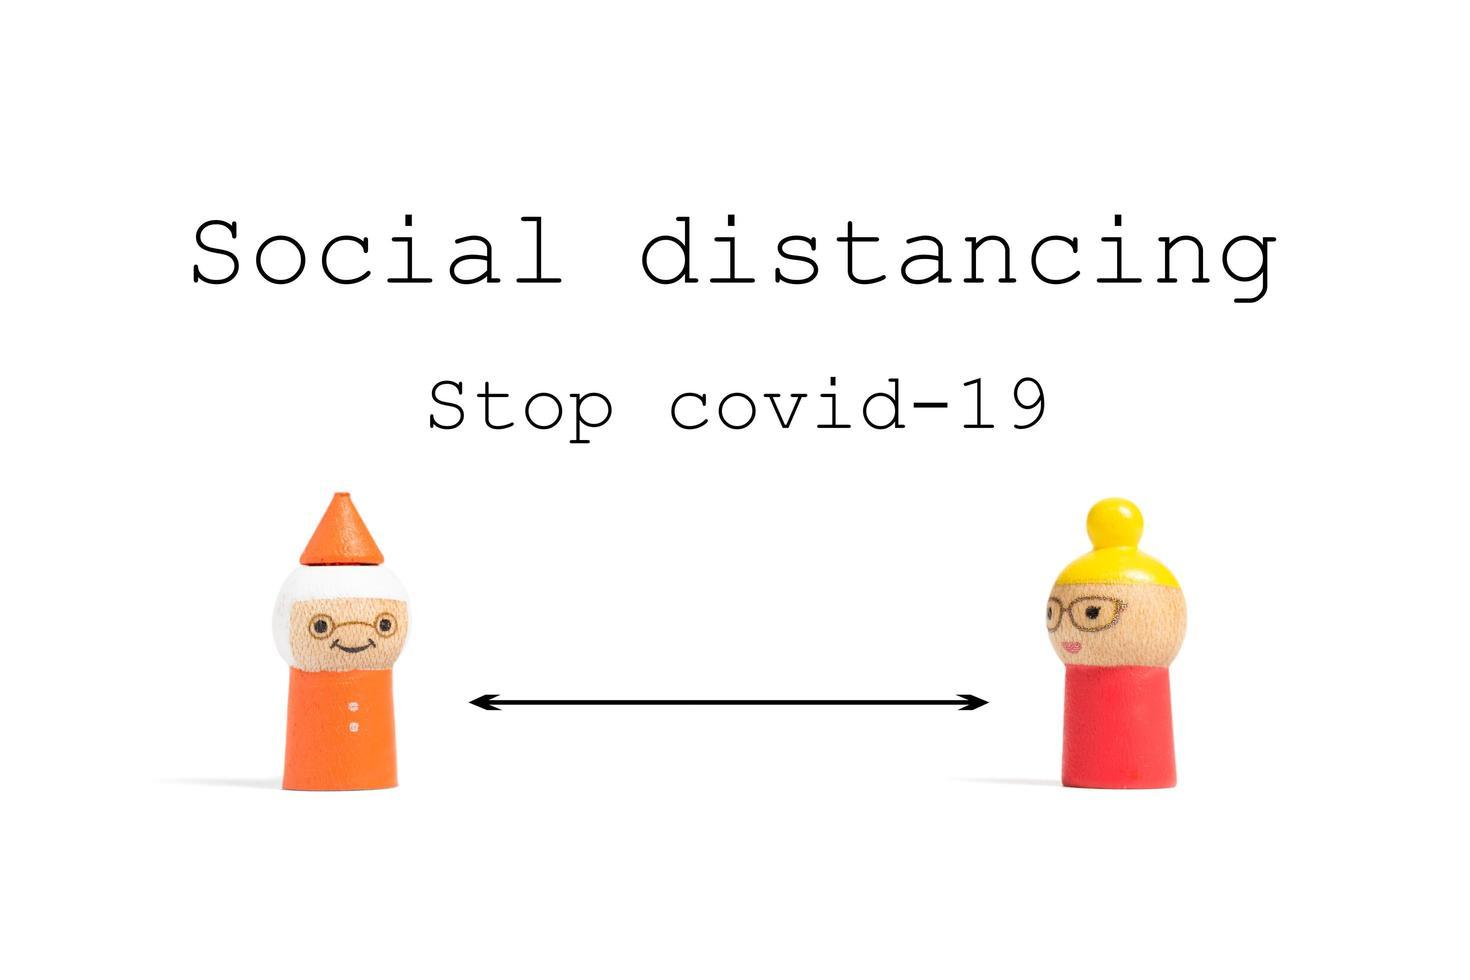 Stoppen Sie Covid-19-Text zur sozialen Distanzierung mit Miniaturmenschen auf weißem Hintergrund, Konzept zur sozialen Distanzierung foto